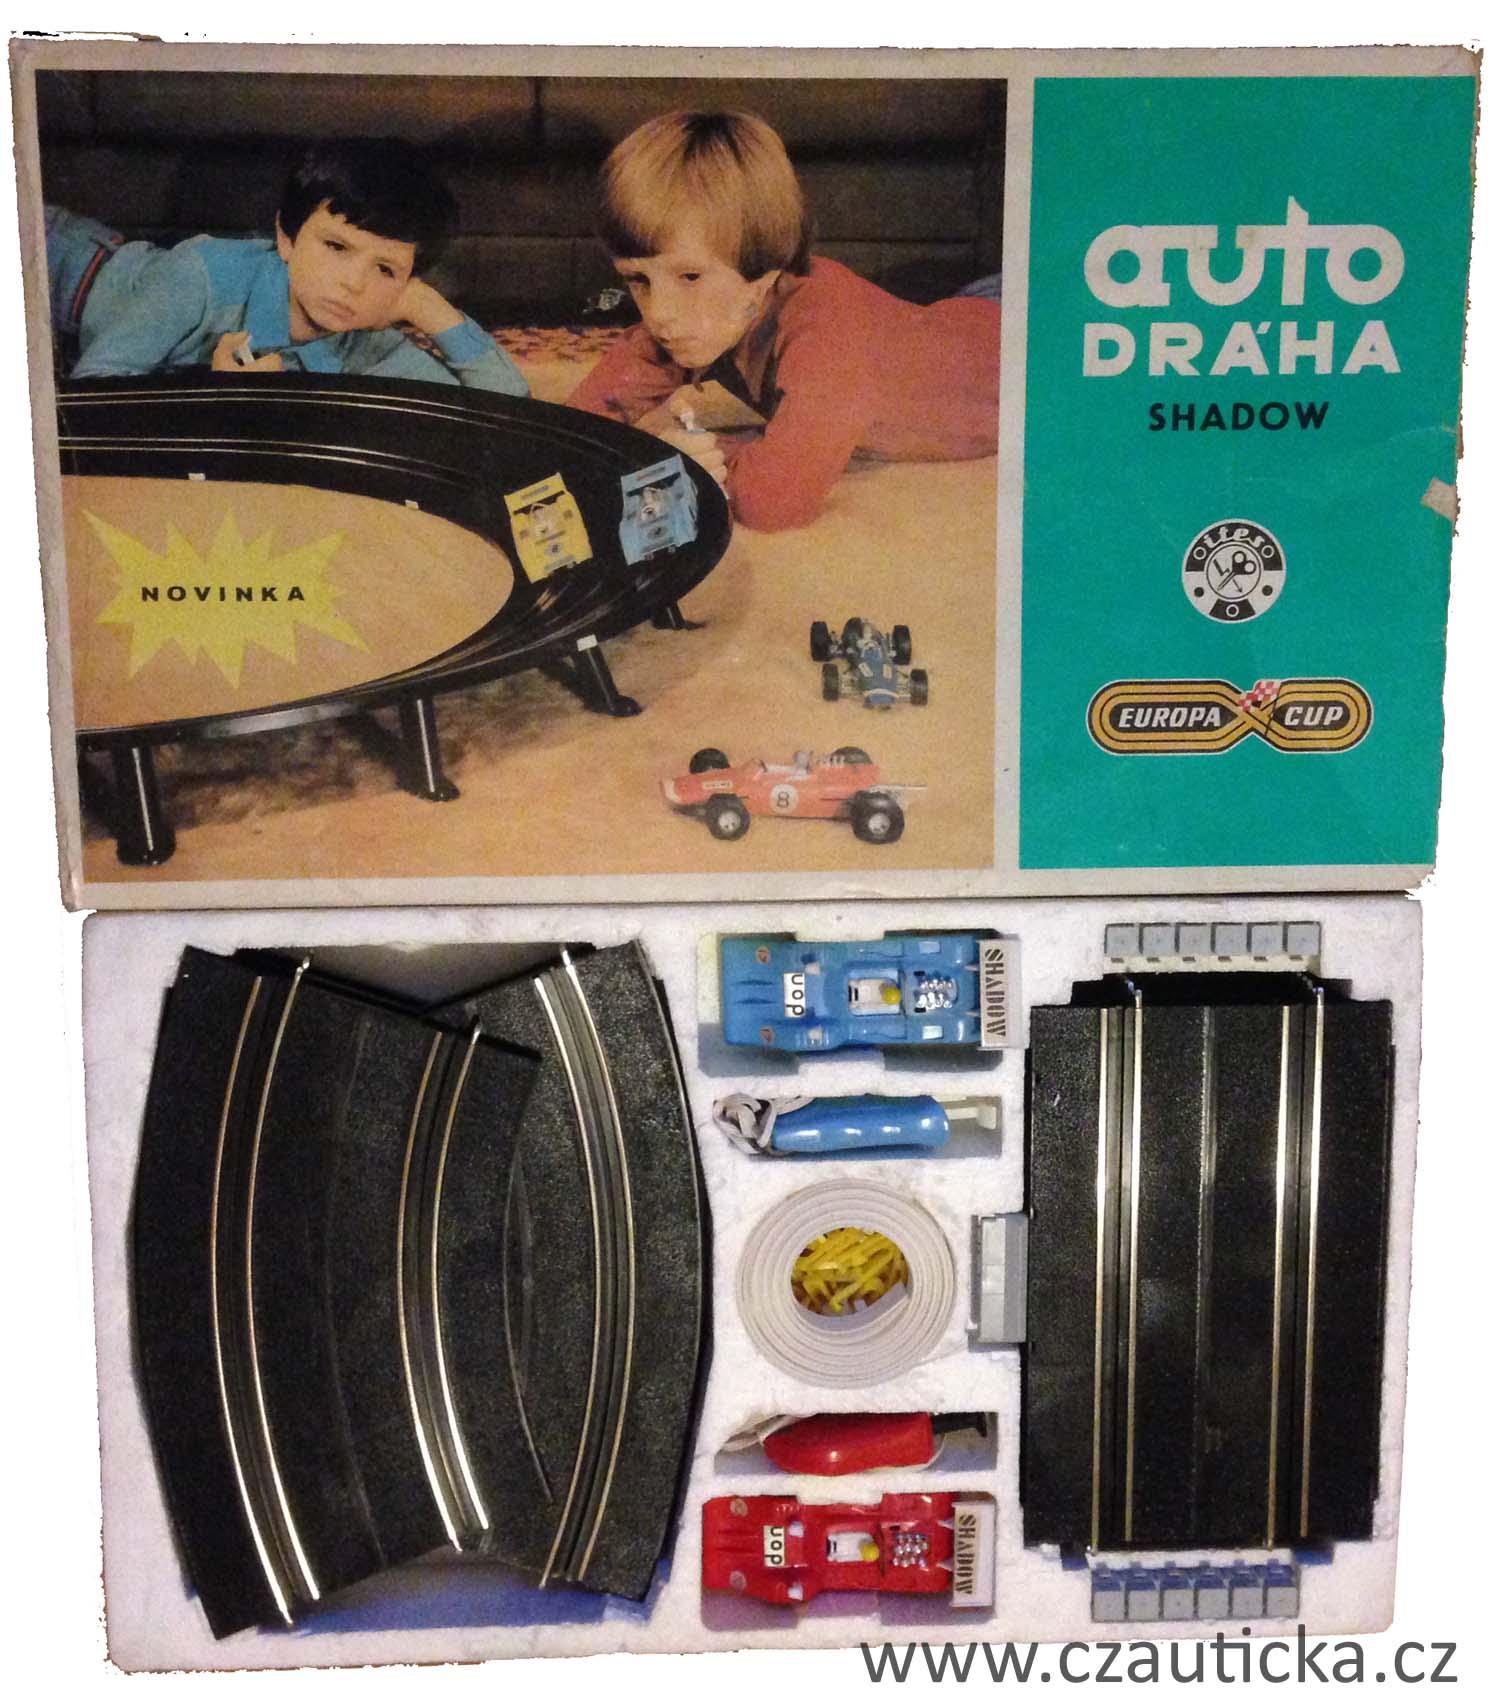 Autodraha Shadow krabice